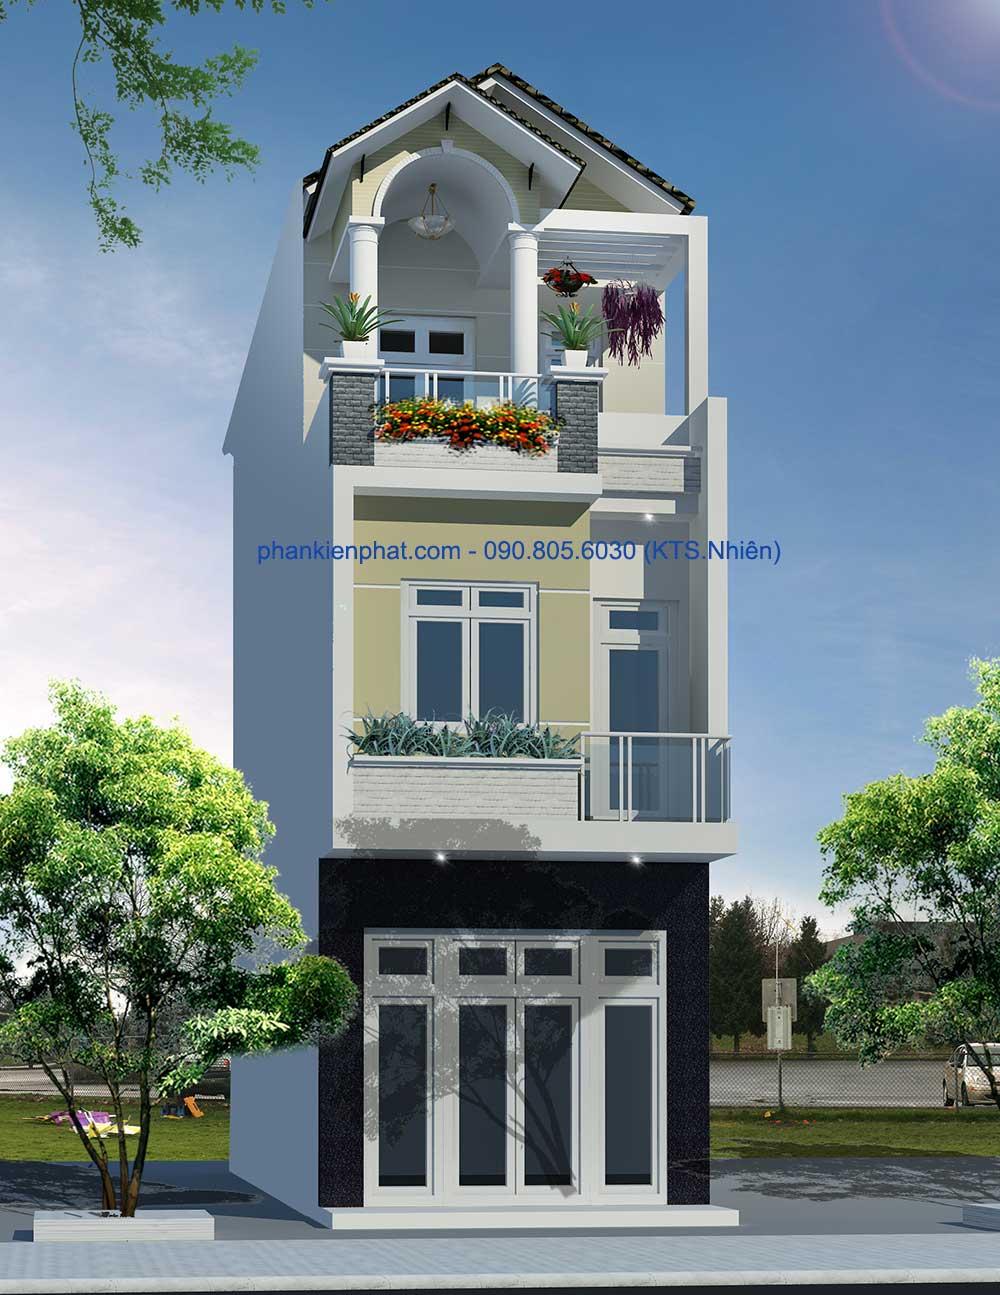 Bản vẽ nhà 3 tầng bán cổ điển 4x13.6m